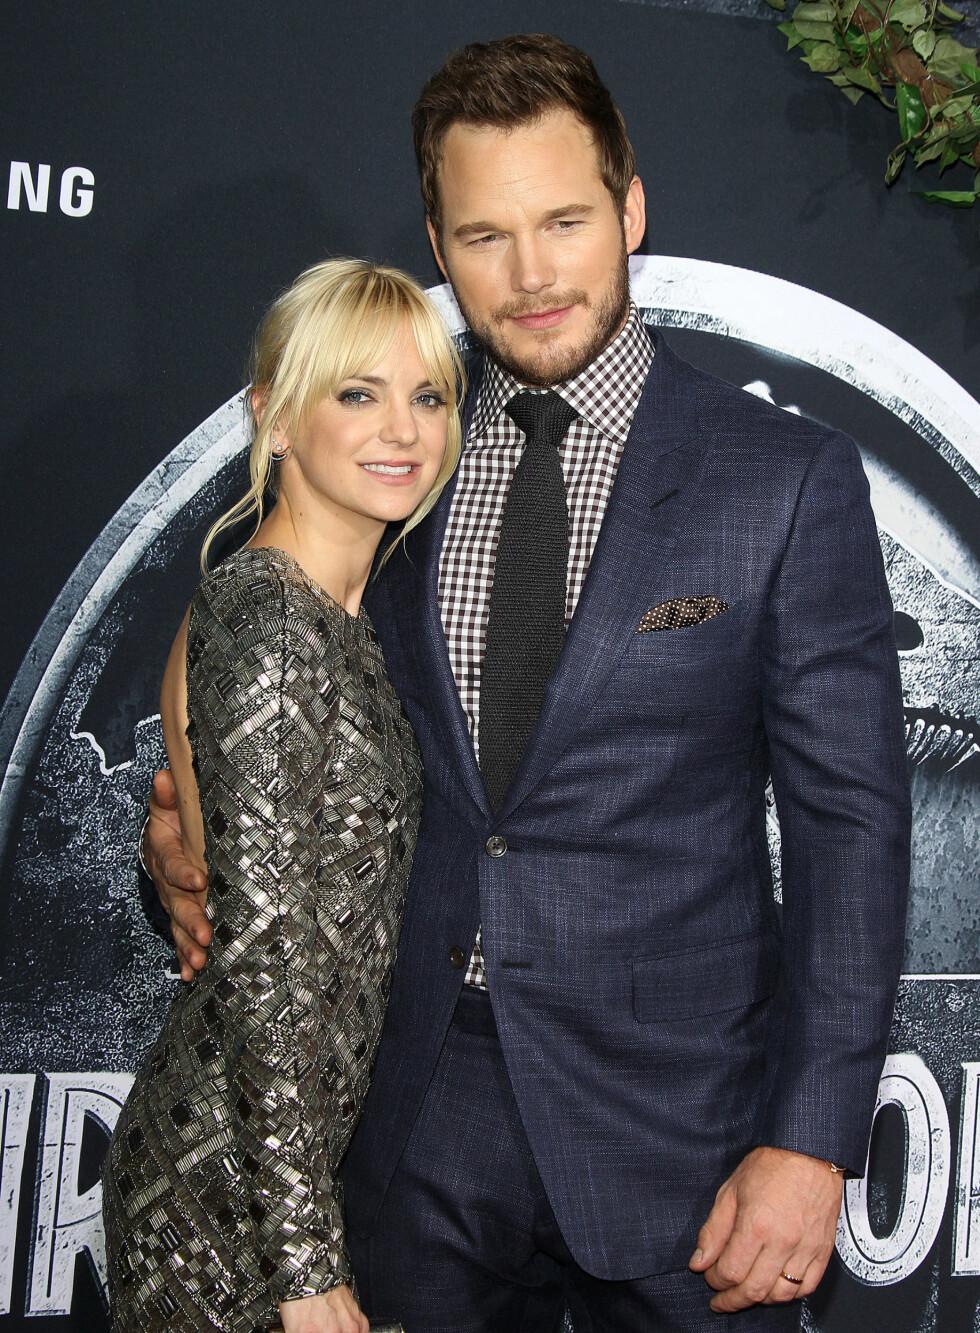 KONA: I seks år har Pratt vært gift med Anna Faris, som blant annet er kjent fra Scary Movie-filmene. Foto: Broadimage